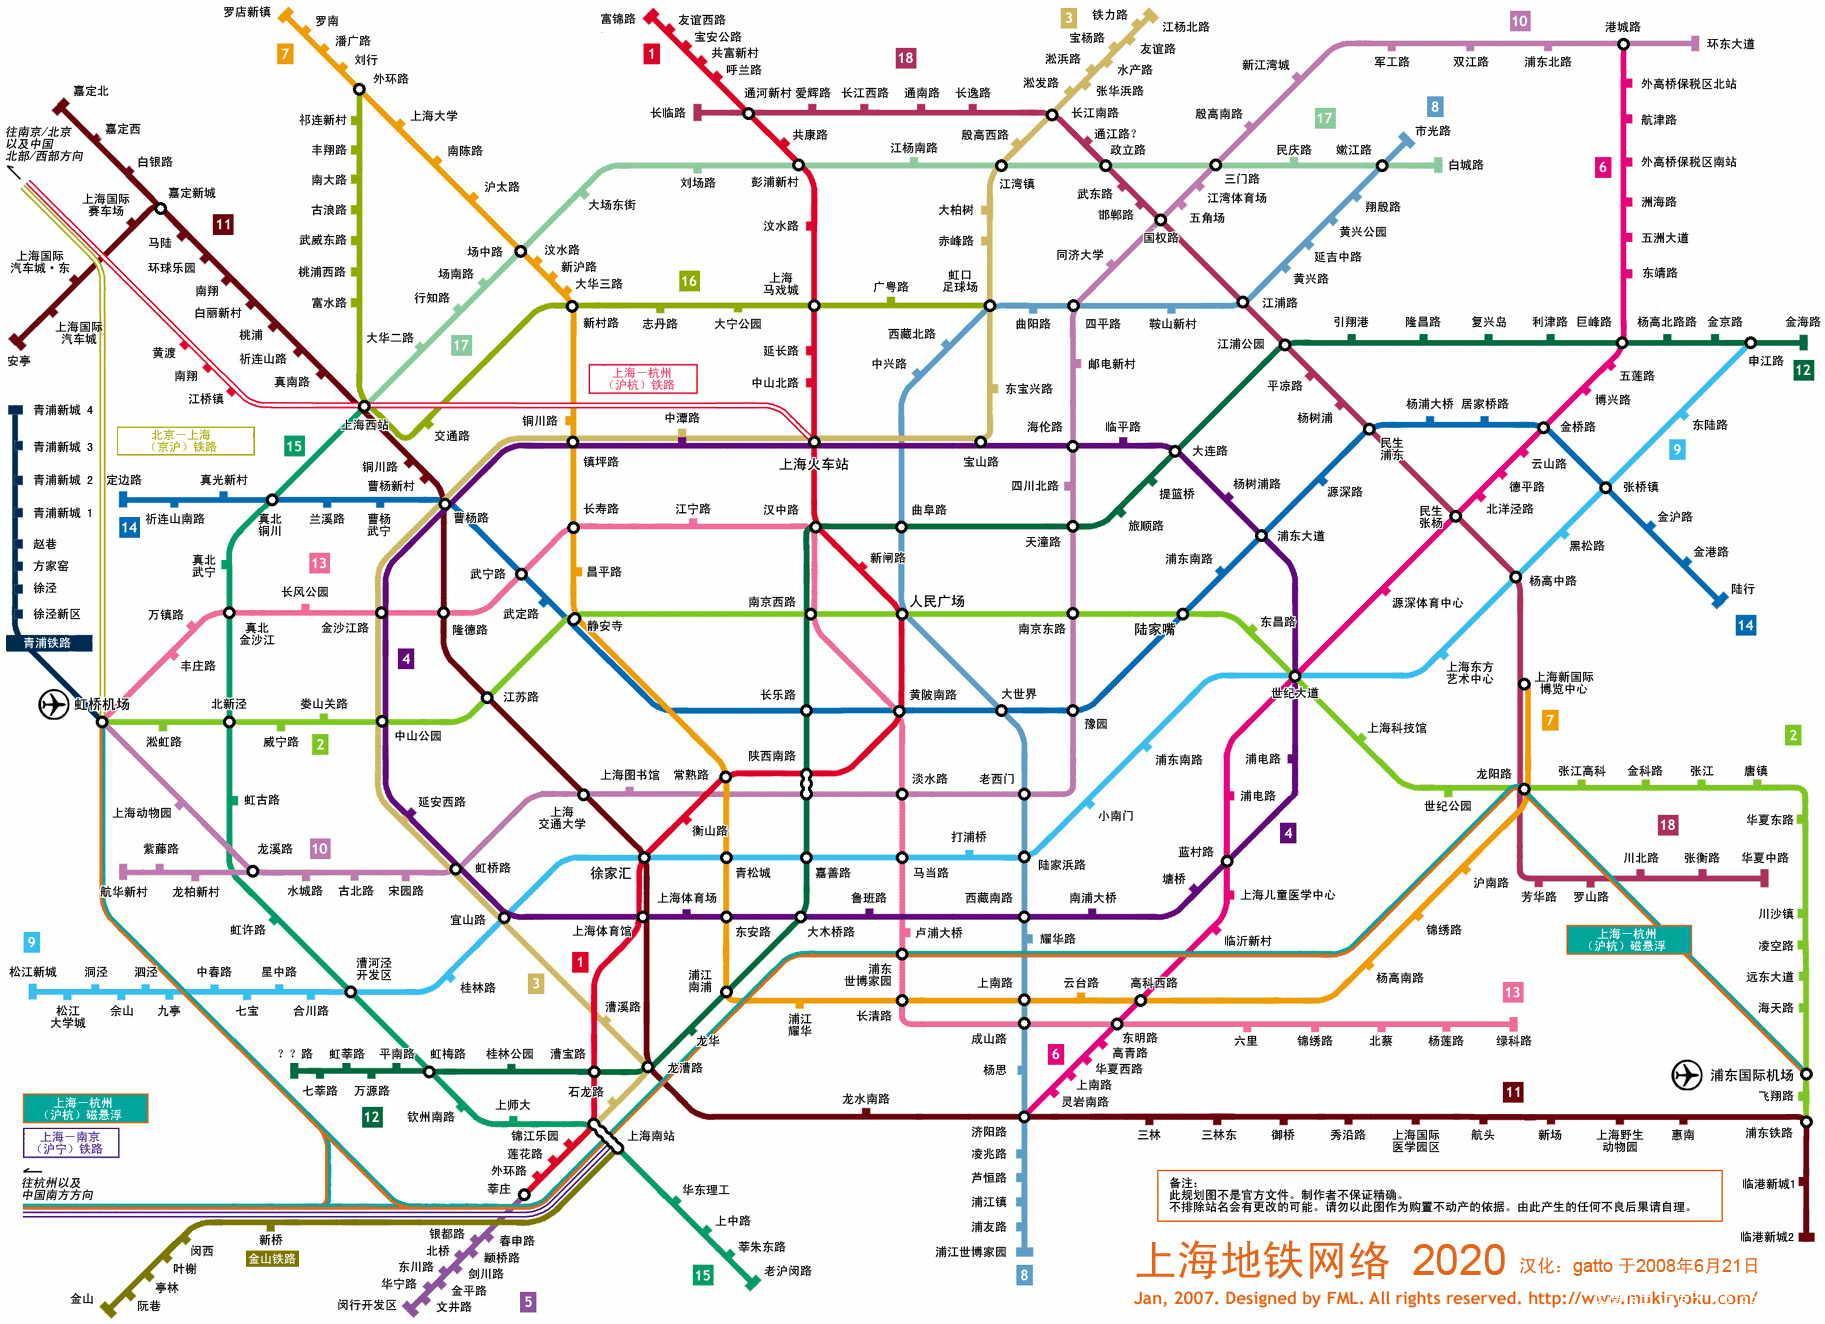 上海2138亿总投资地铁新规划出炉 谁最受益